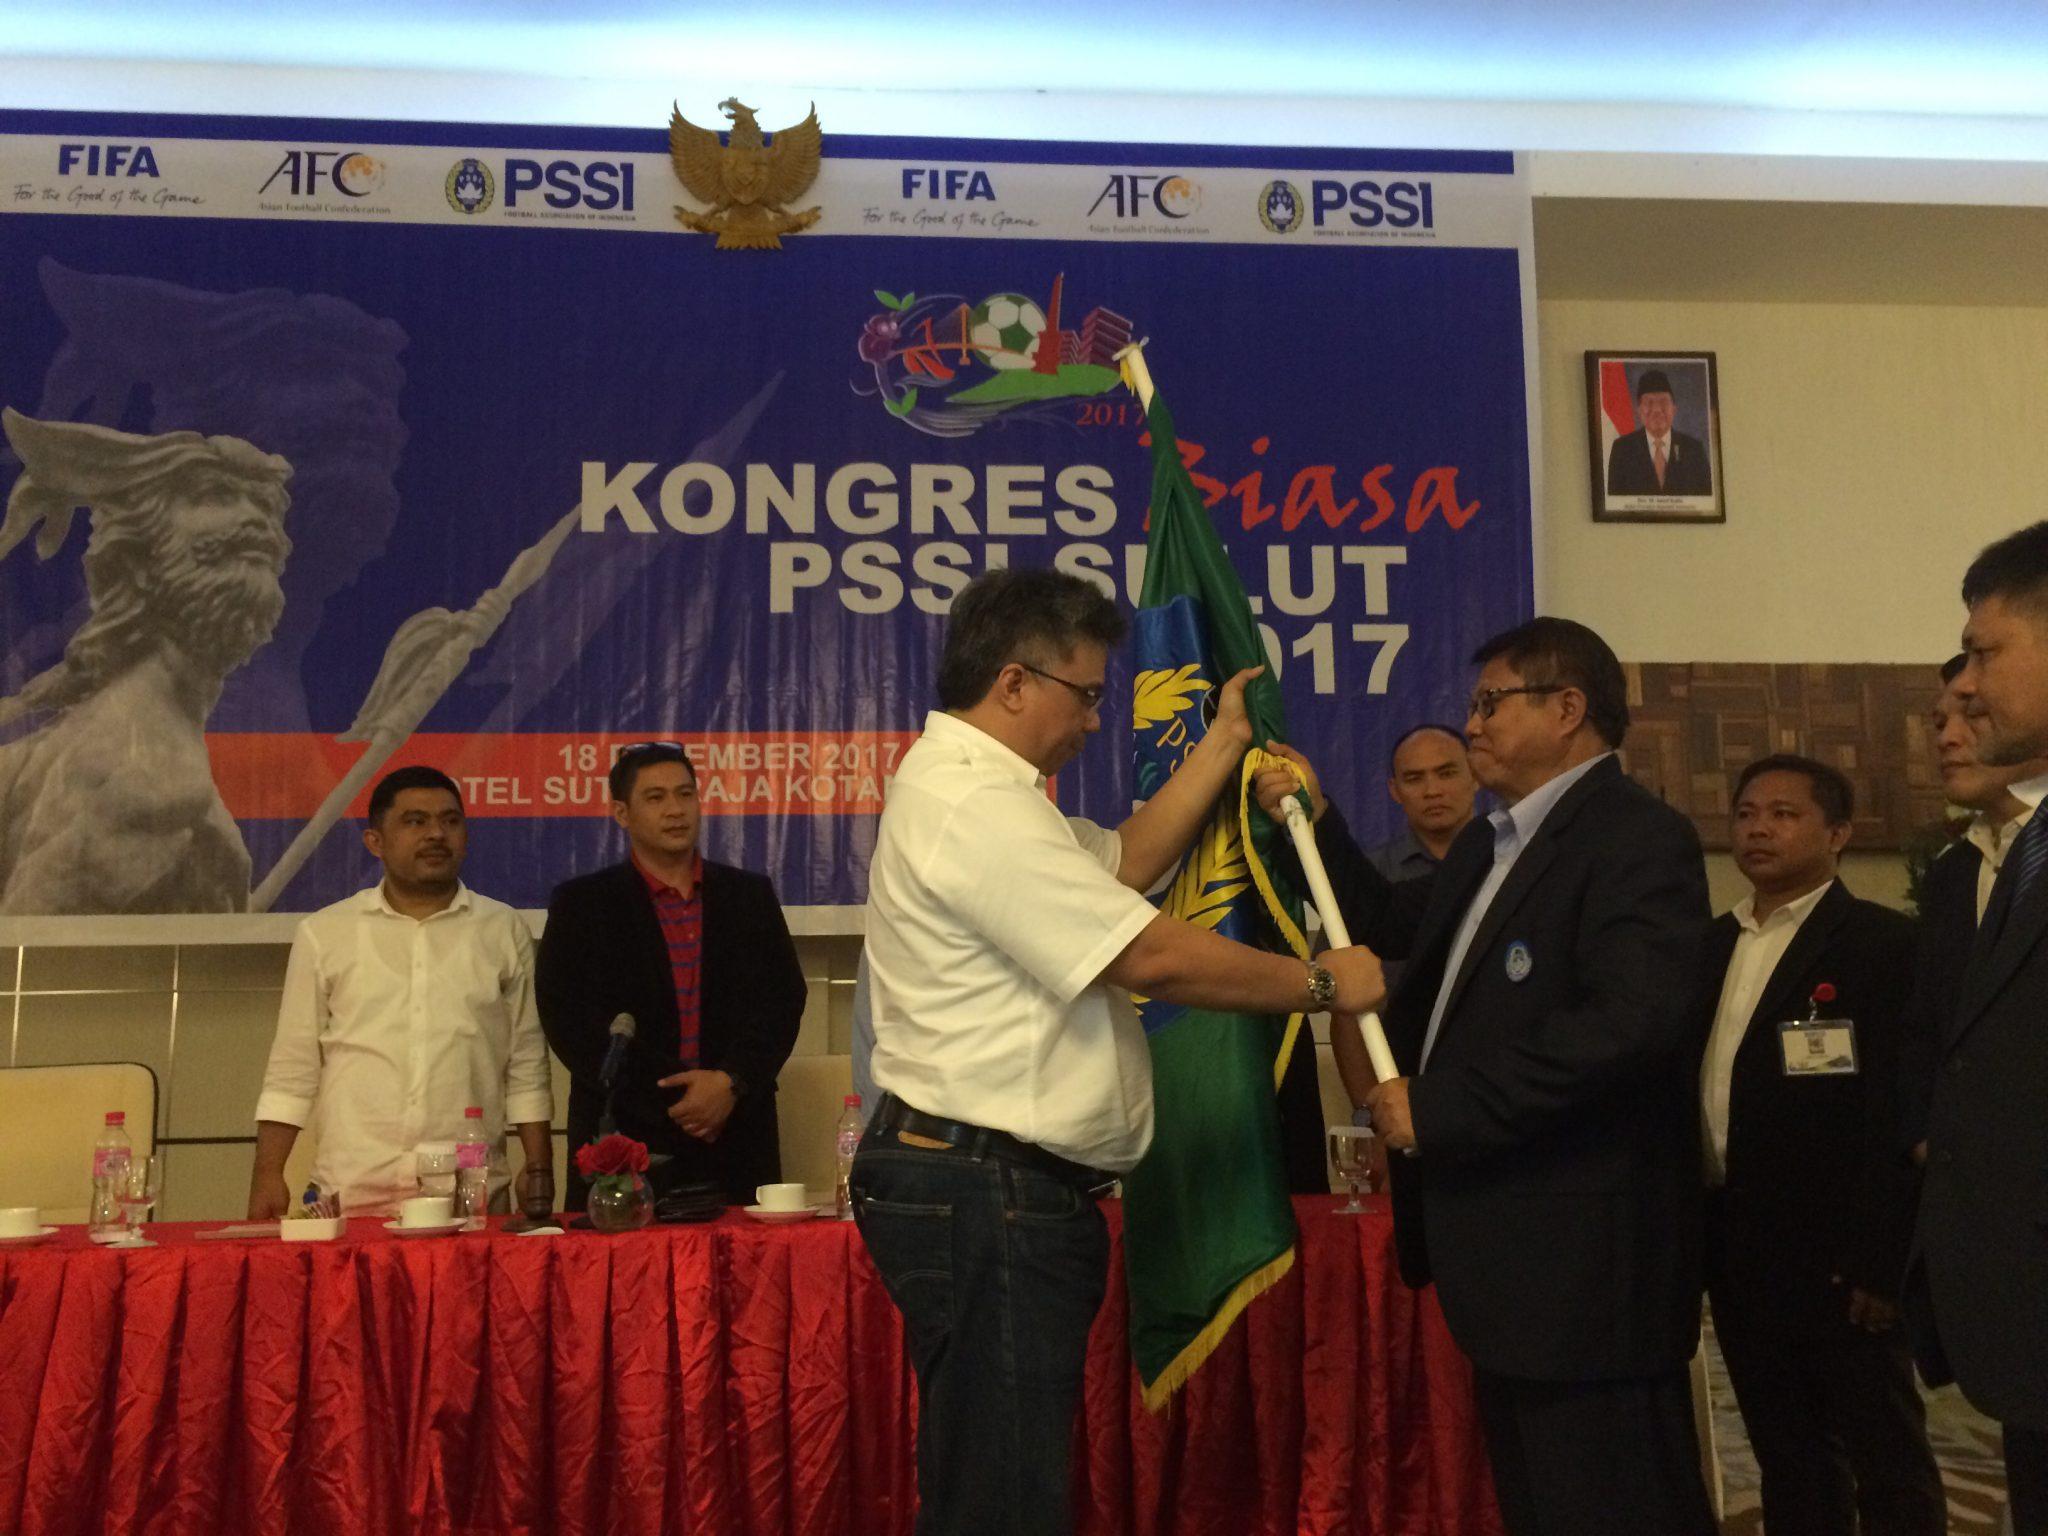 Olahraga Sulut  Tony Ponongoa Paul Nelwan Meiddy Makalalag Kongres PSSI Sulut Hasman Bahansubu Exco PSSI Sulut